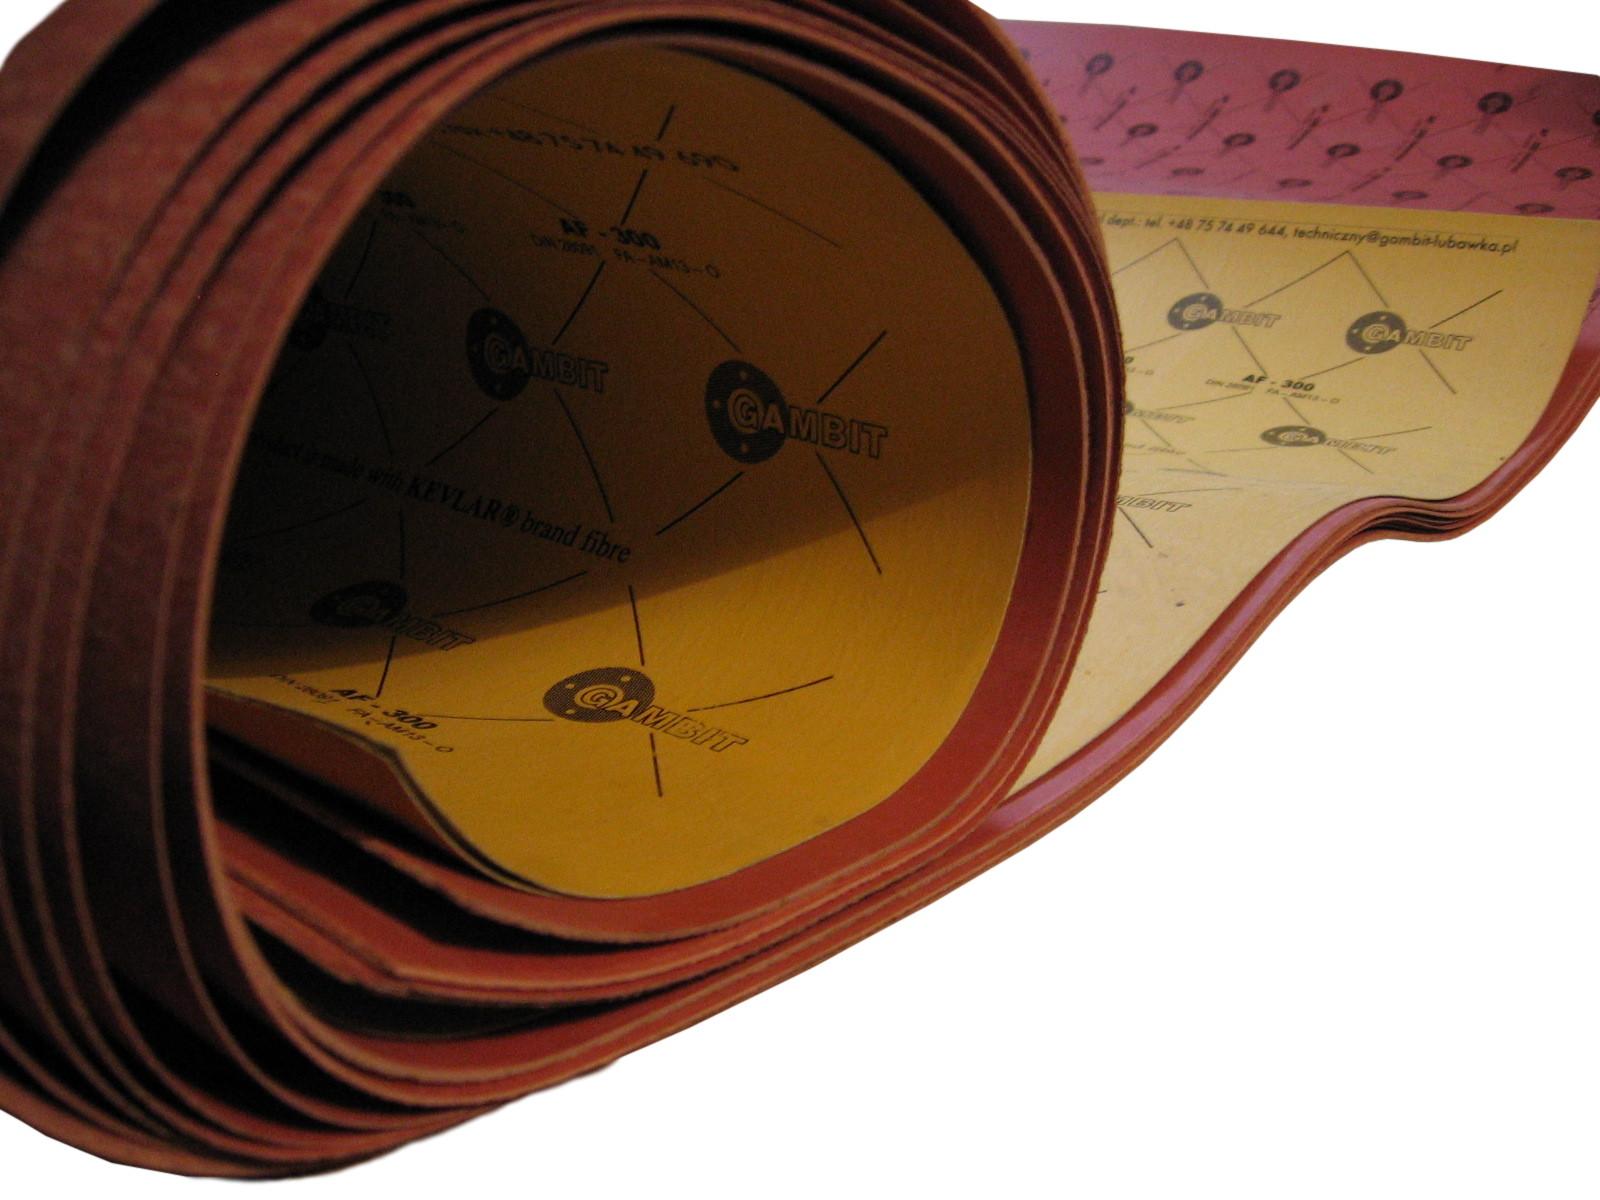 Материал на прокладки 0, 5x500x500mm gambit качество!, фото 7